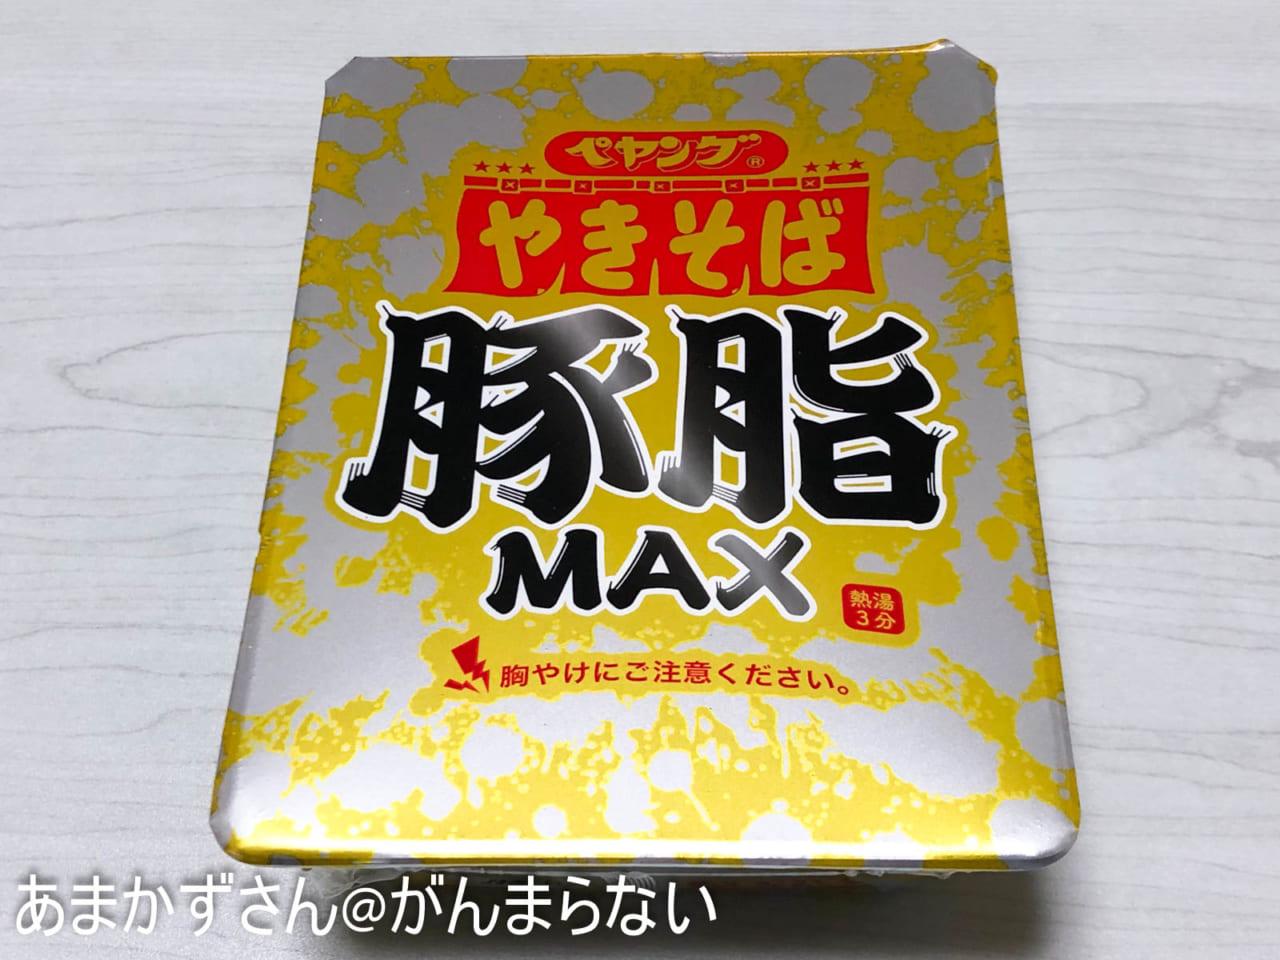 ペヤング 豚脂MAXやきそばのパッケージ